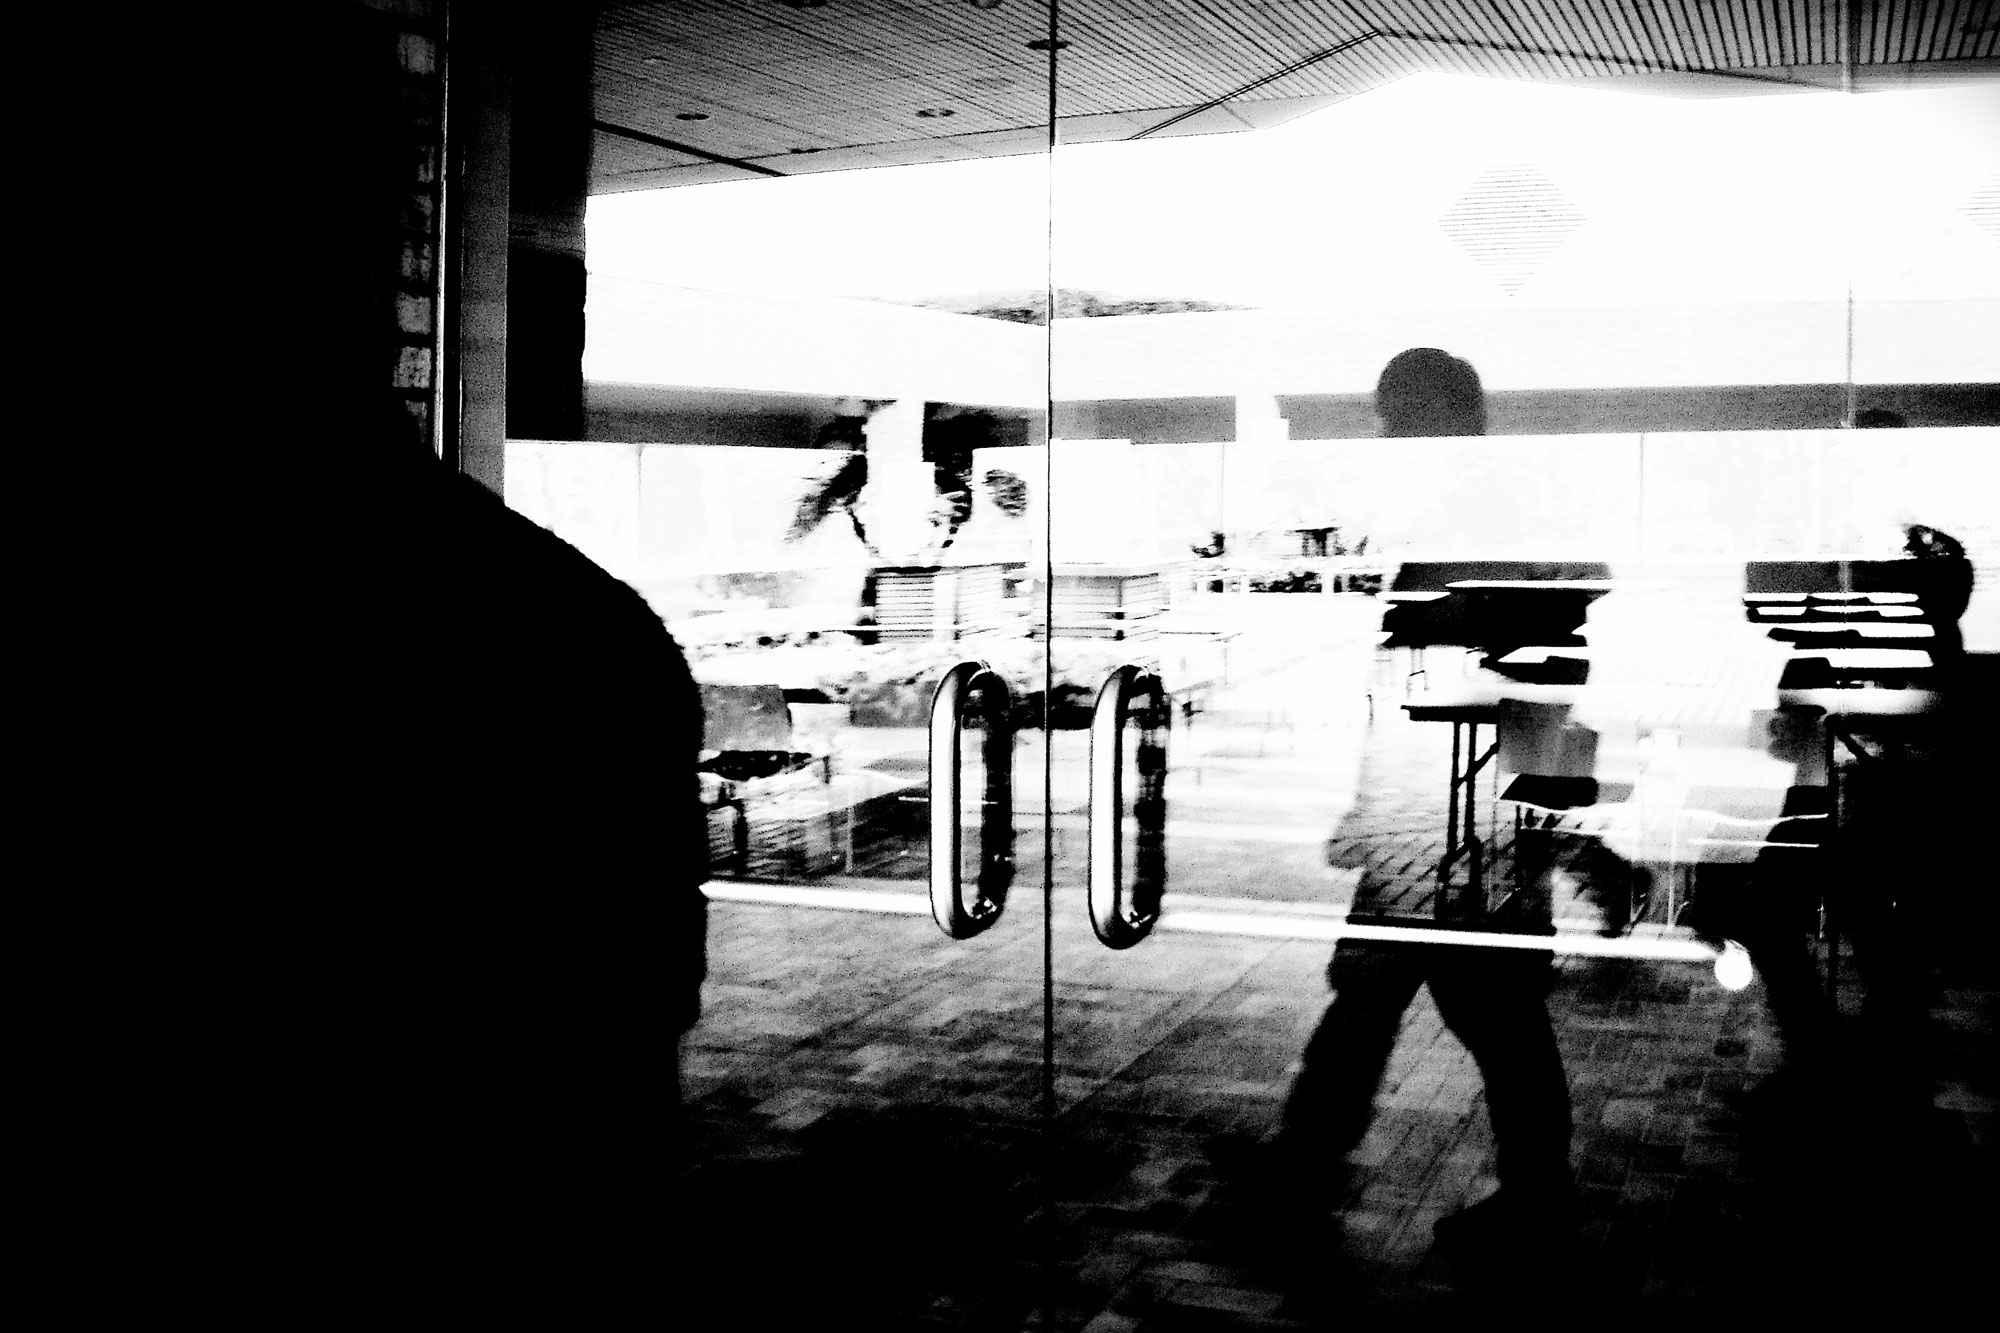 Myglass szkło w architekturze